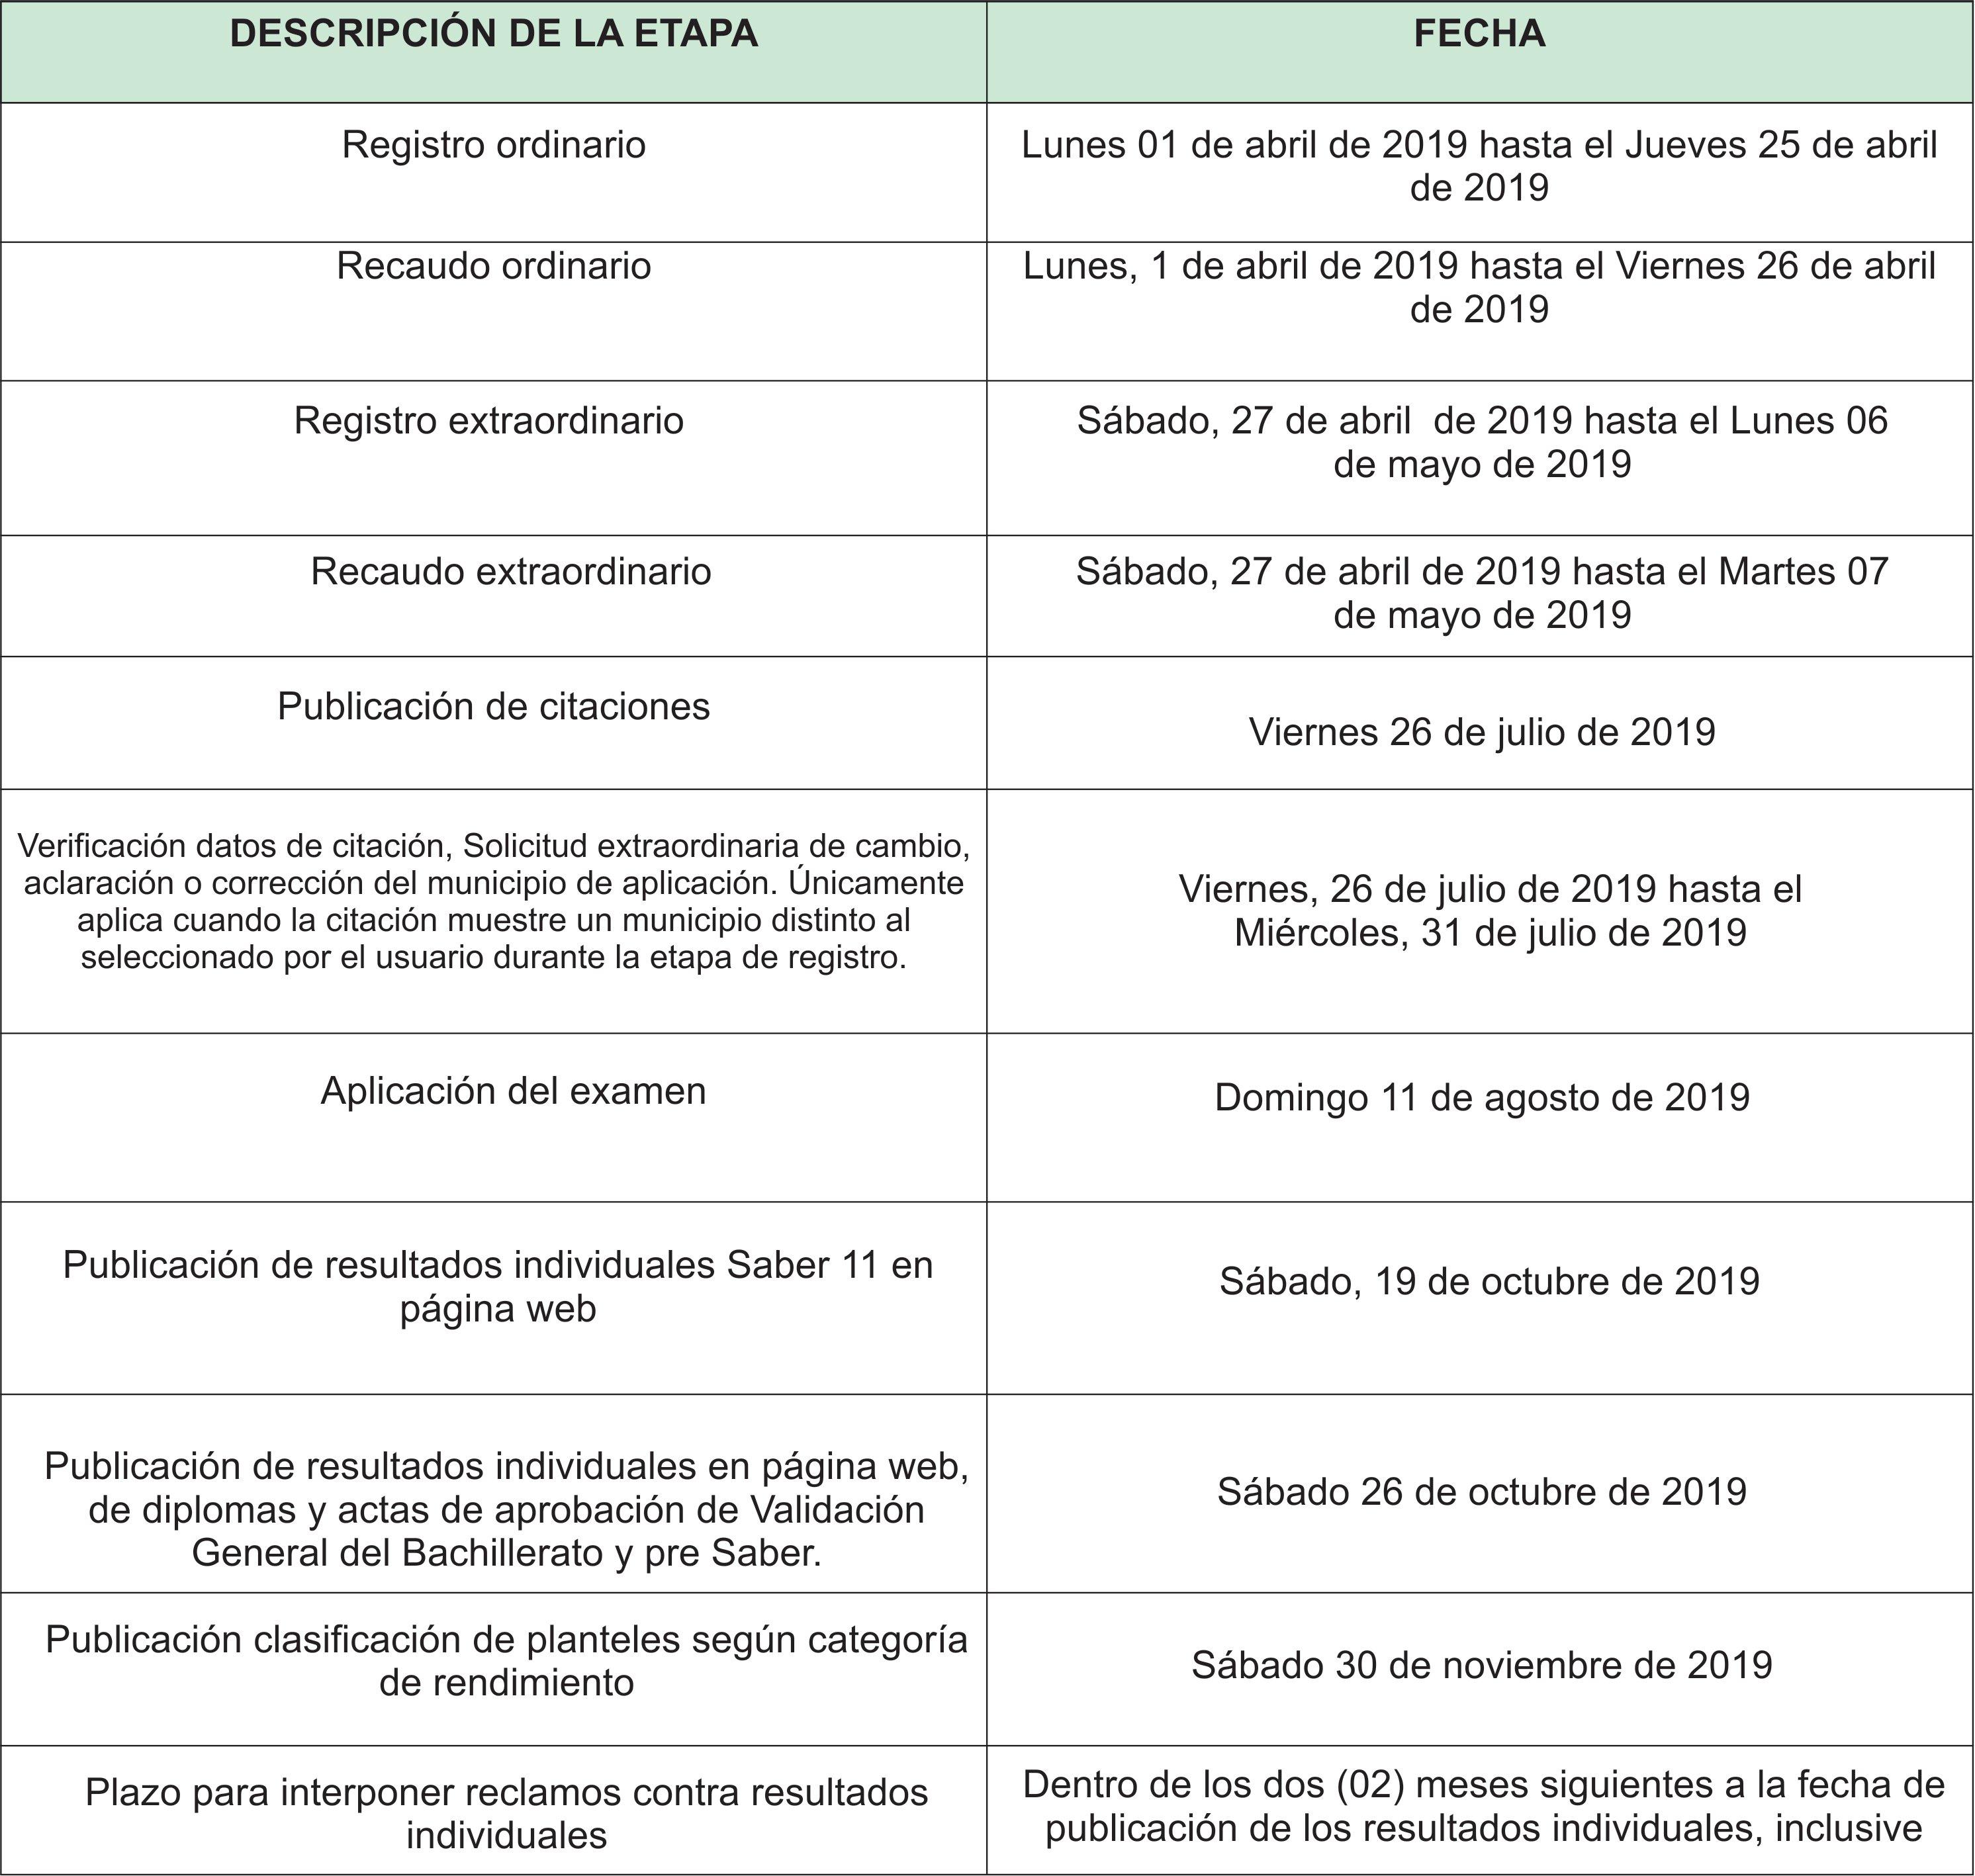 calendario fechas icfes 2019 segundo semestre-2